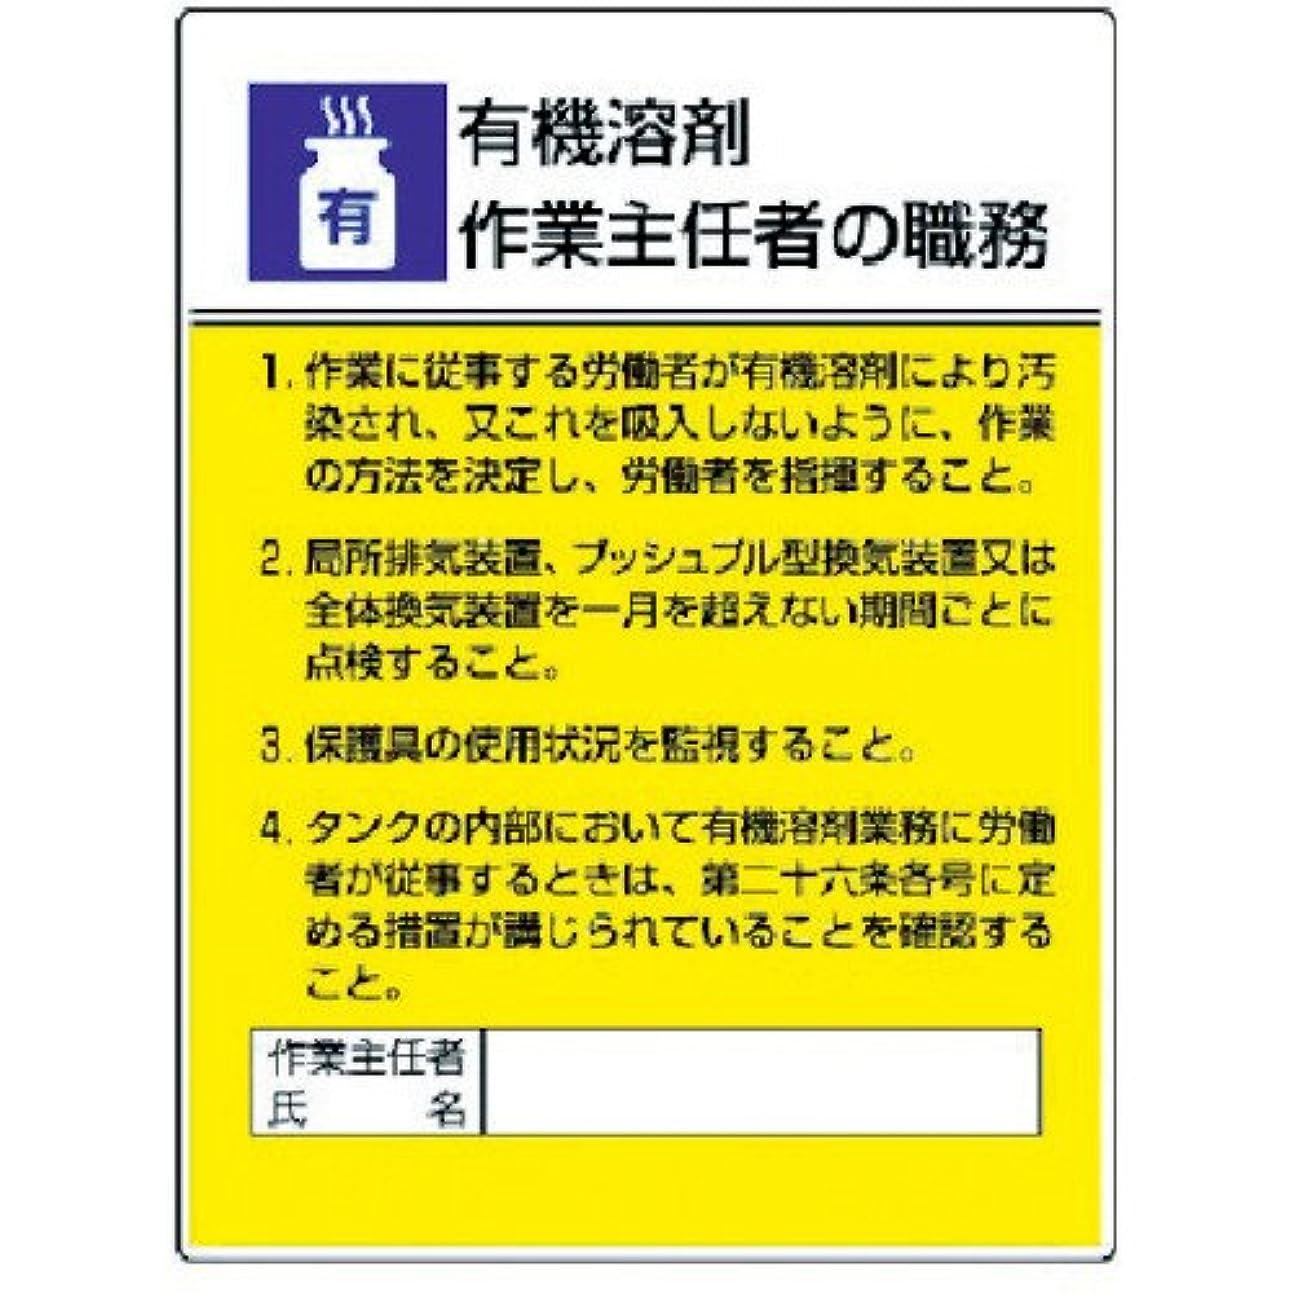 膨張する特許アレルギー性ユニット 作業主任者職務板 有機溶剤作業…エコユニボード?600X450 80815